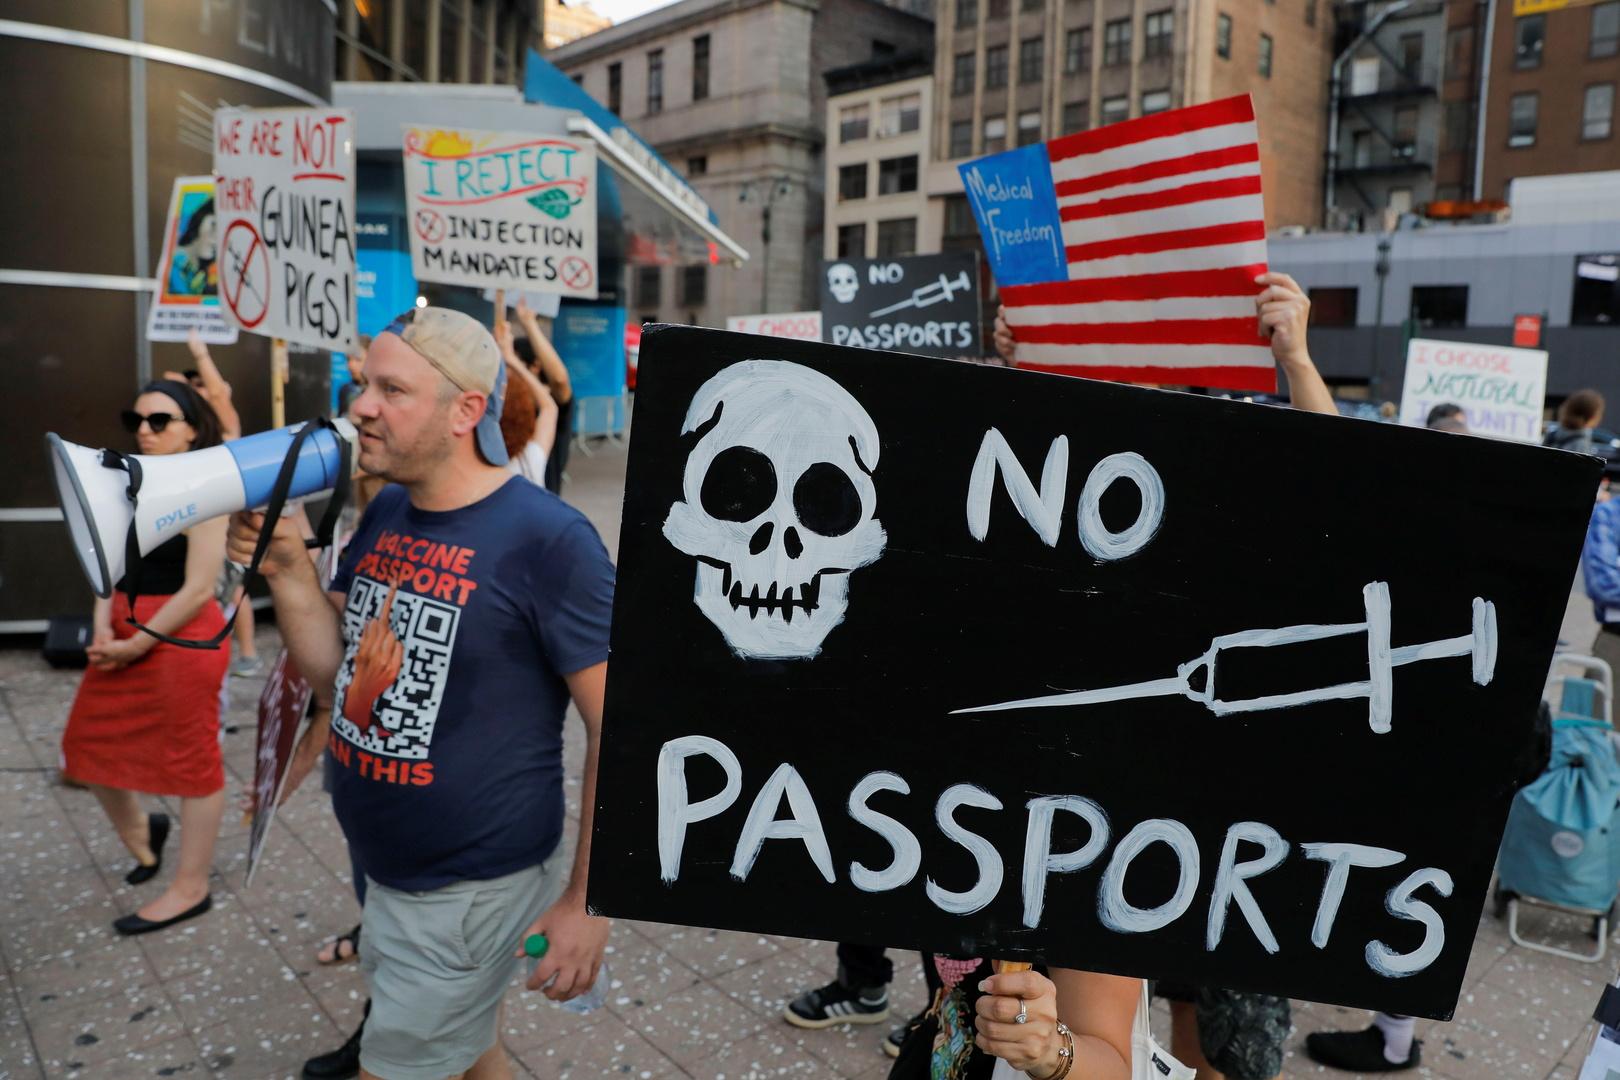 استطلاع: غالبية الأمريكيين يؤيدون جهود بايدن في مواجهة كورونا